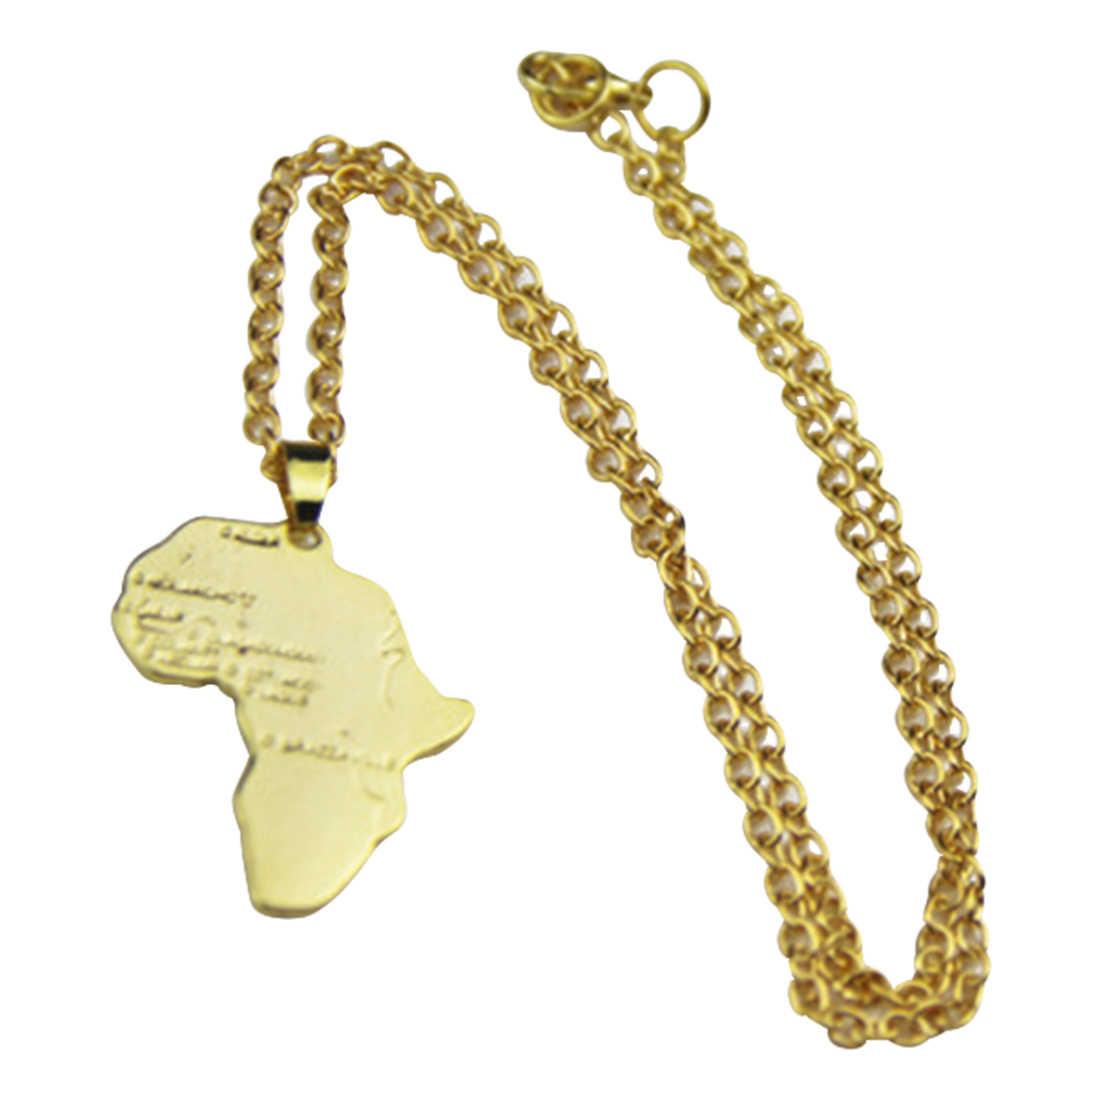 מעולה היפ הופ סגנון אפריקאי מפת שרשרת אופנה אפריקאי קסם תכשיטי נשים/גברים מתנה טרנדי זהב כסף מכירה לוהטת